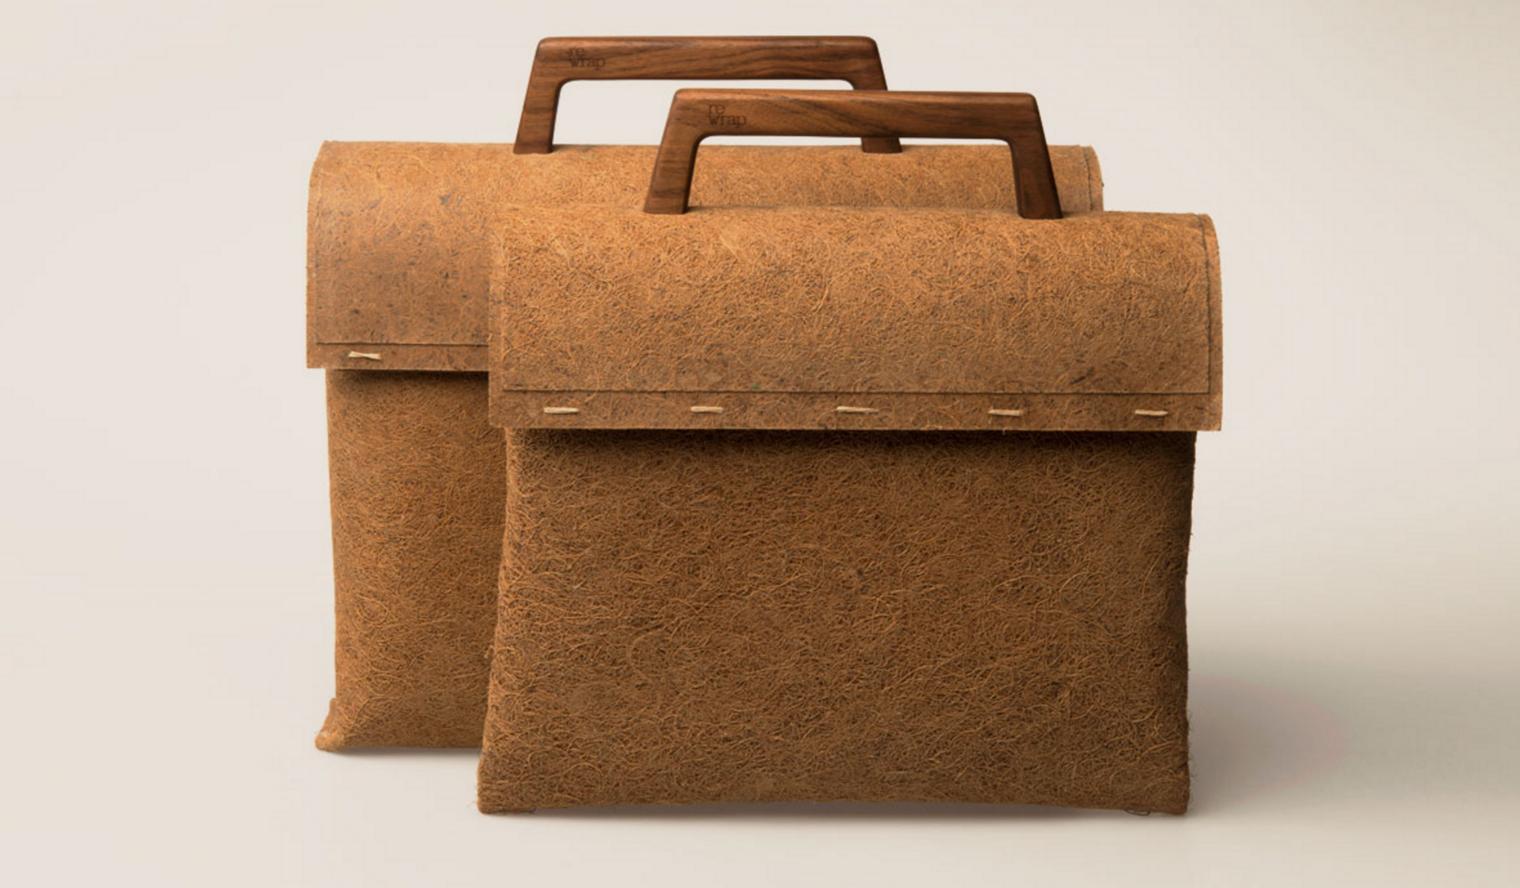 荷兰品牌rewrap脑洞大开设计出了一款利用从椰子壳中提取的纤维来制作的手袋。包包的提手都是实木的,全程手工制作,这款包包可真的是一款原生态的环保手袋。 0656ffcabaf15